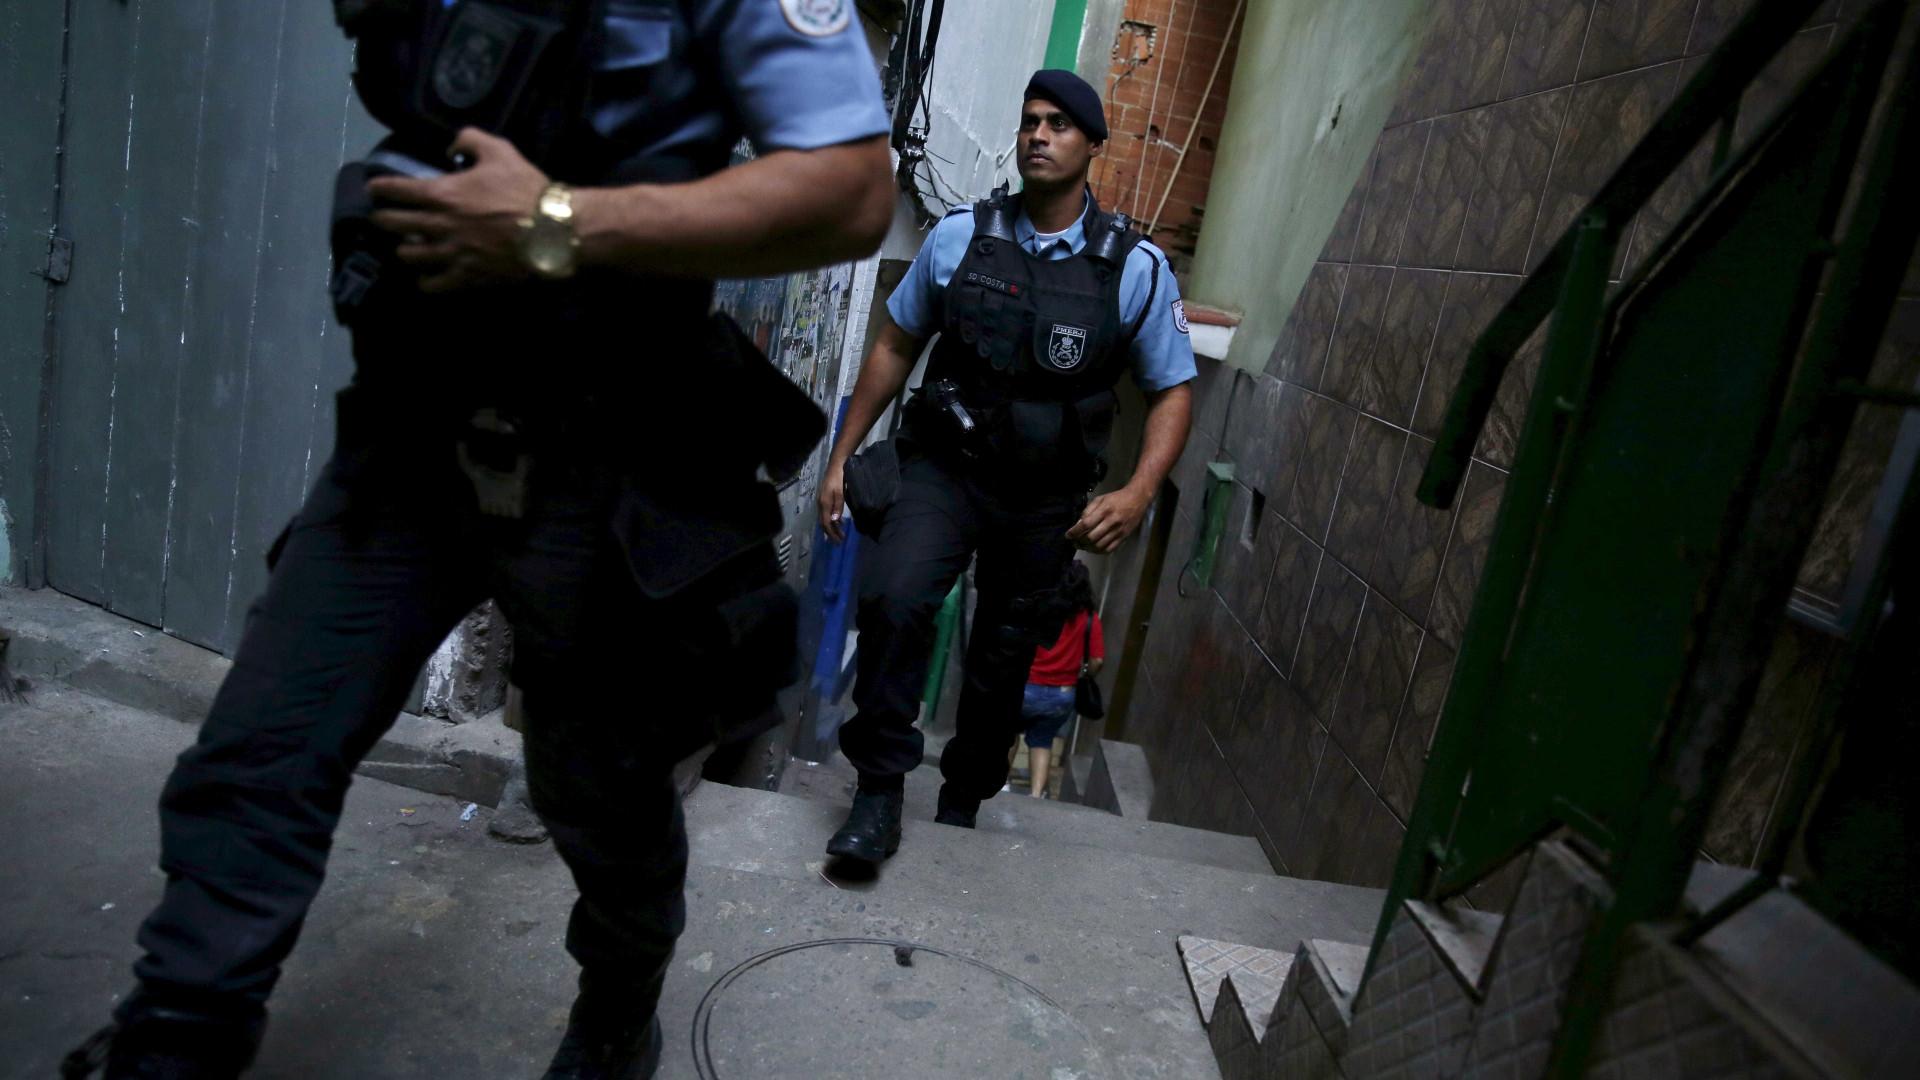 ONG pede que PF investigue supostas mortes por snipers da polícia